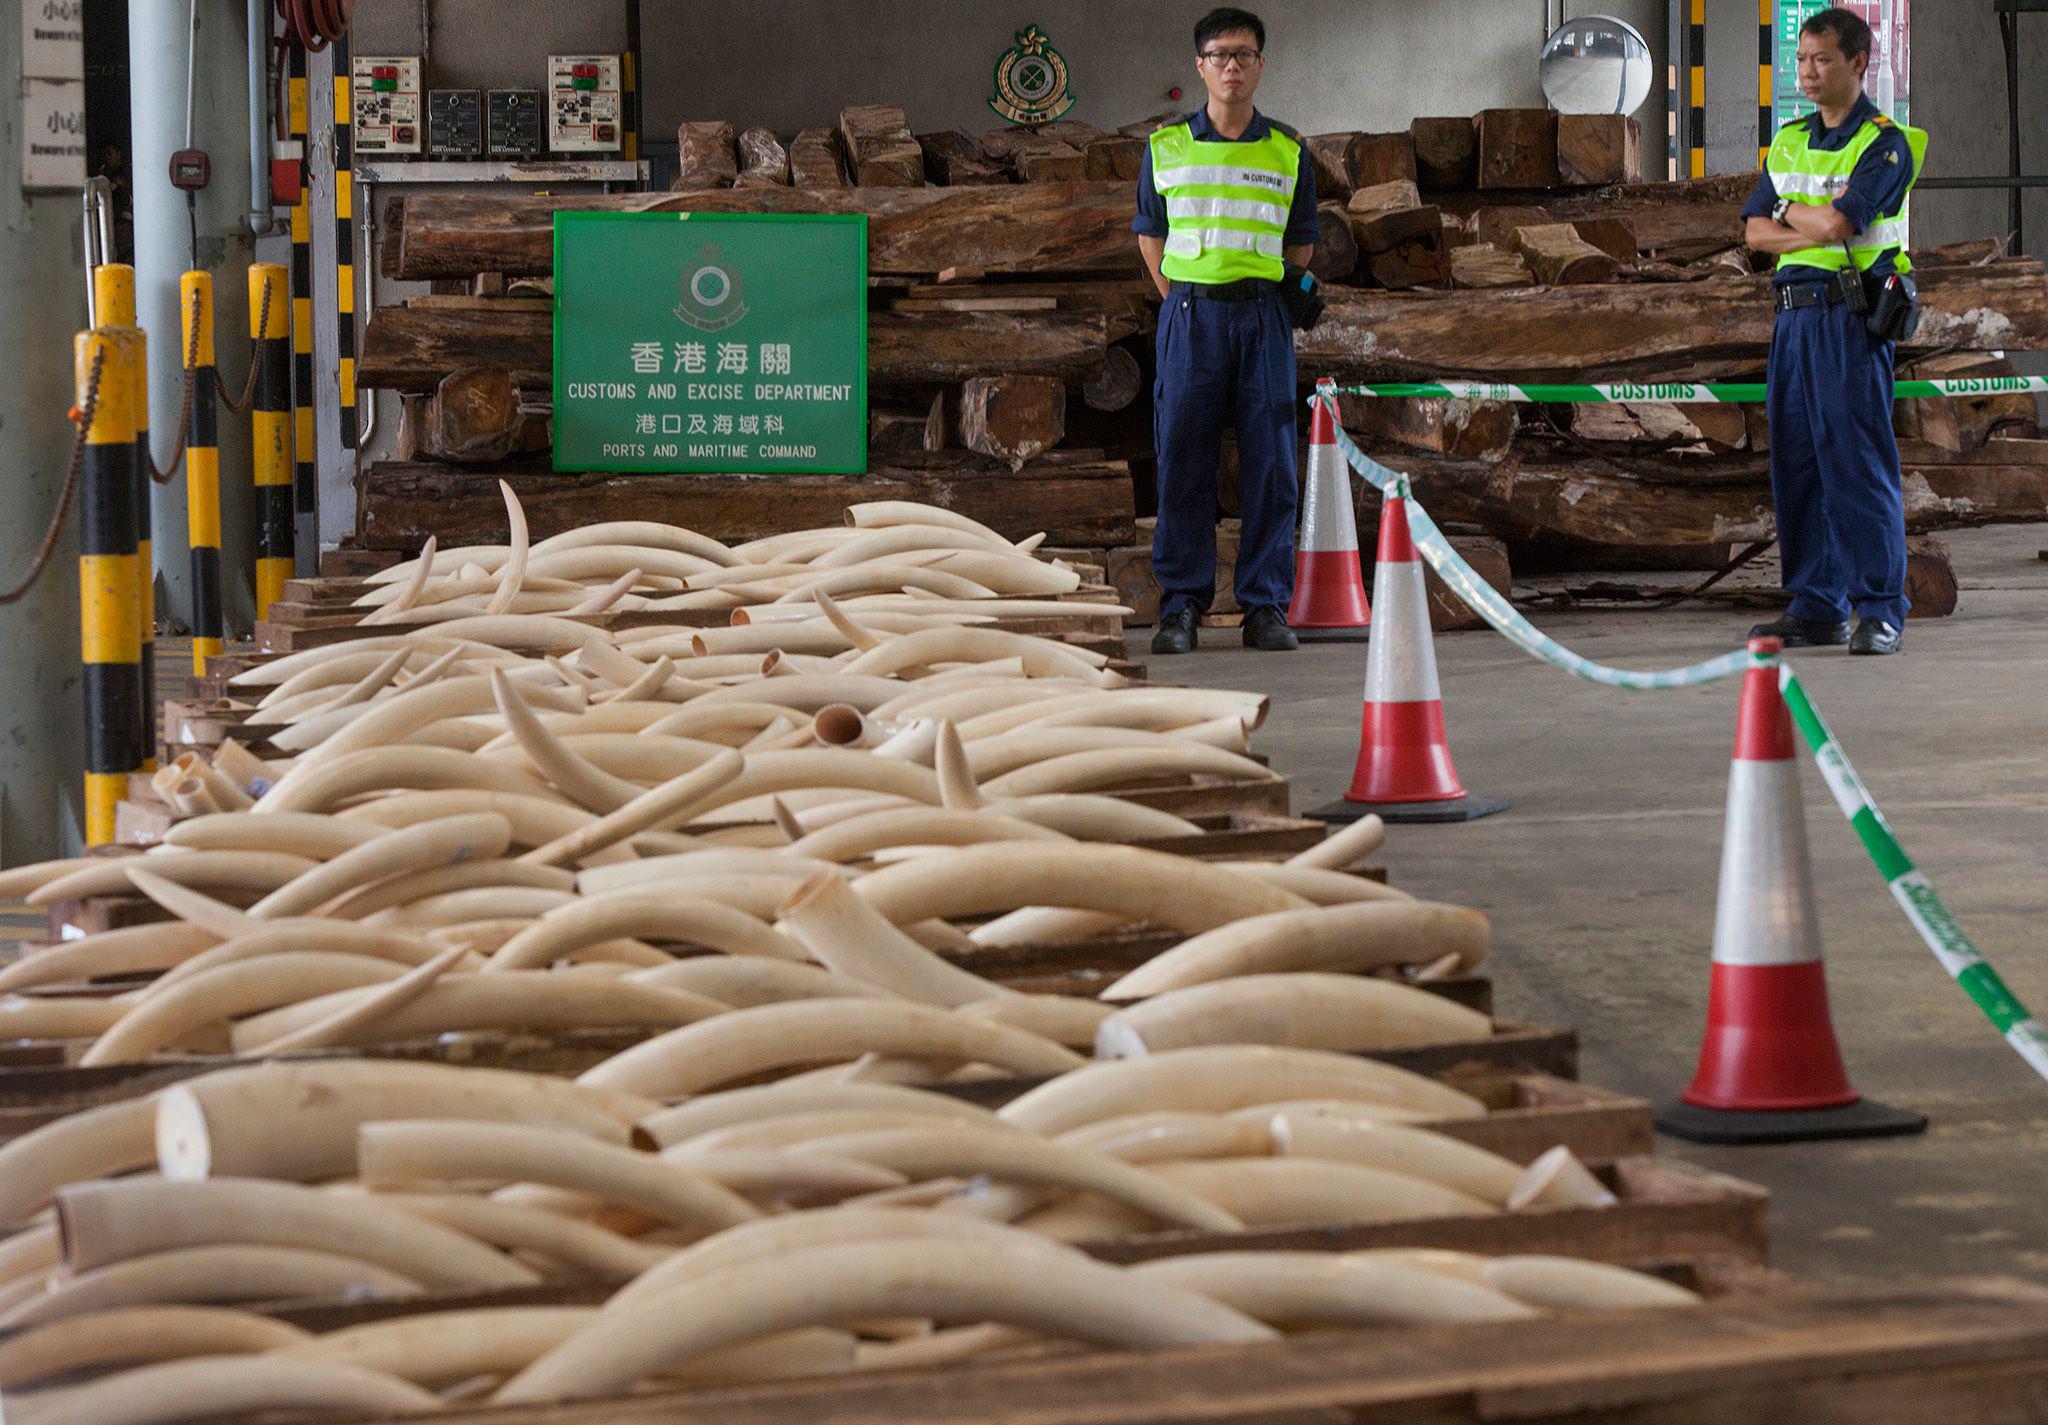 ONG diz que Hong Kong deve fazer mais para combater tráfico de animais